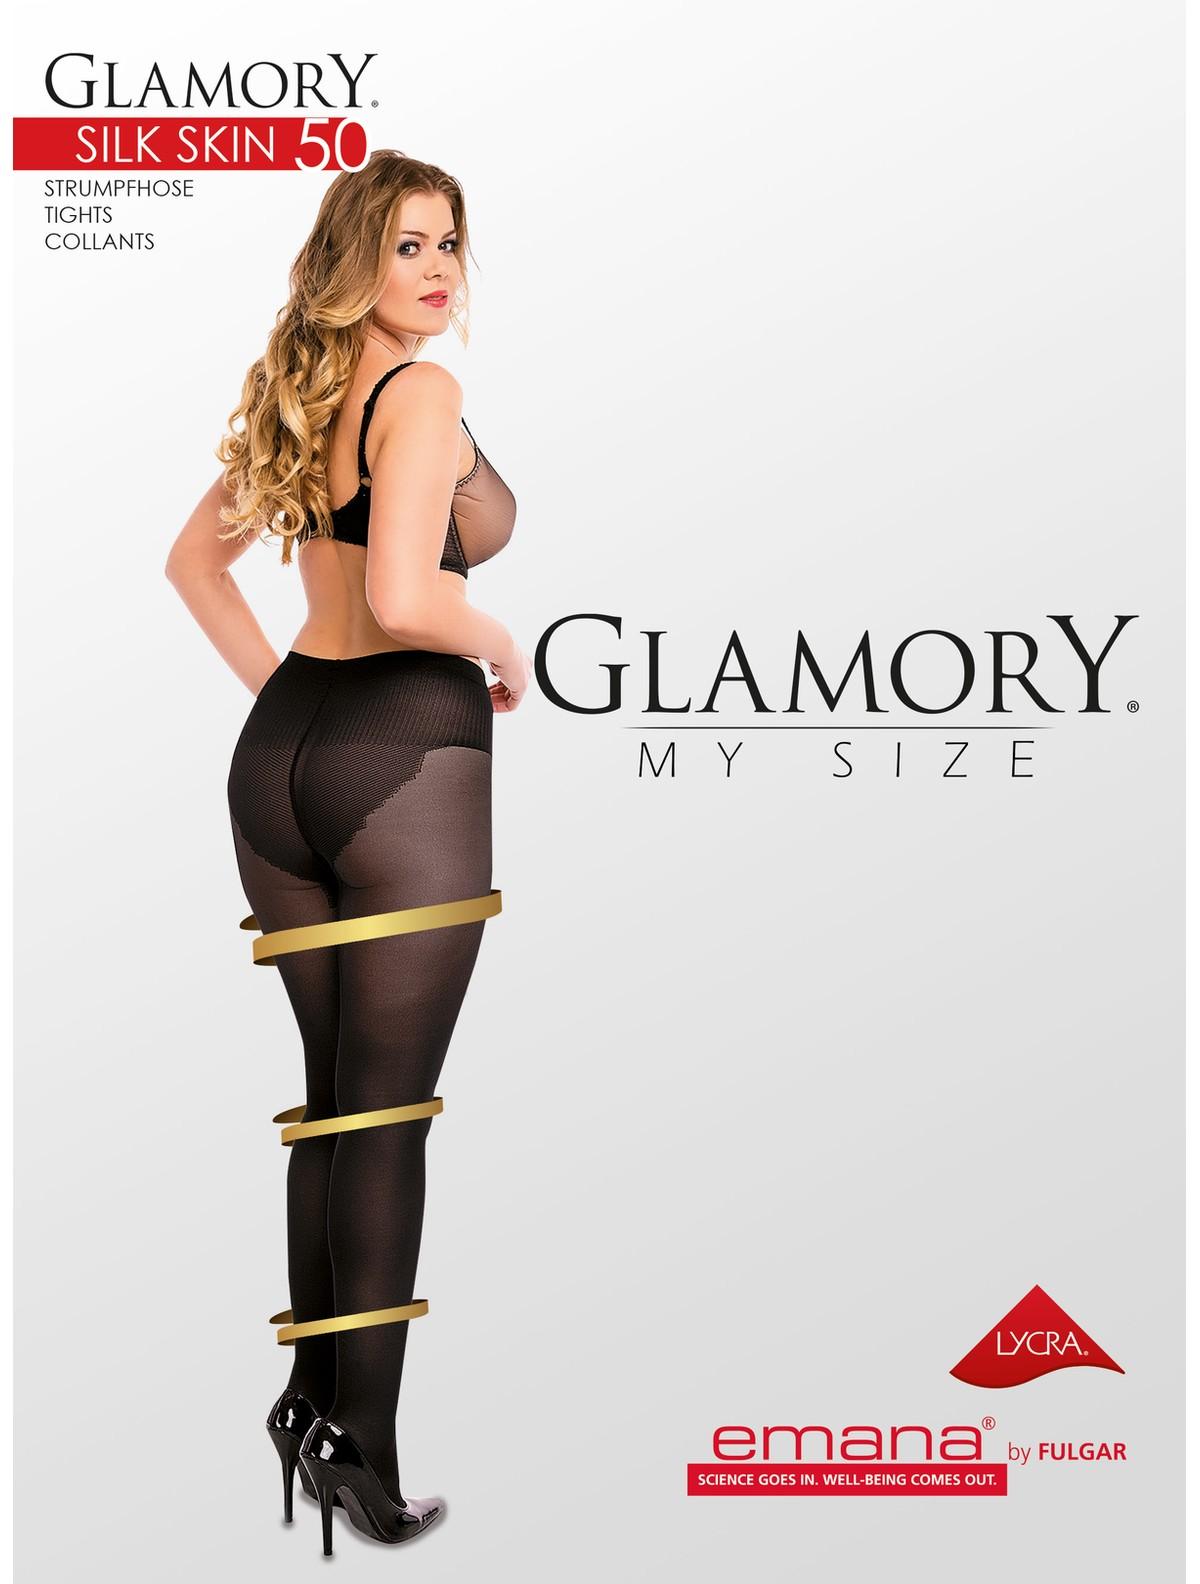 b48aedb239608 Glamory My Size Silk Skin 50 Shapewear Tights